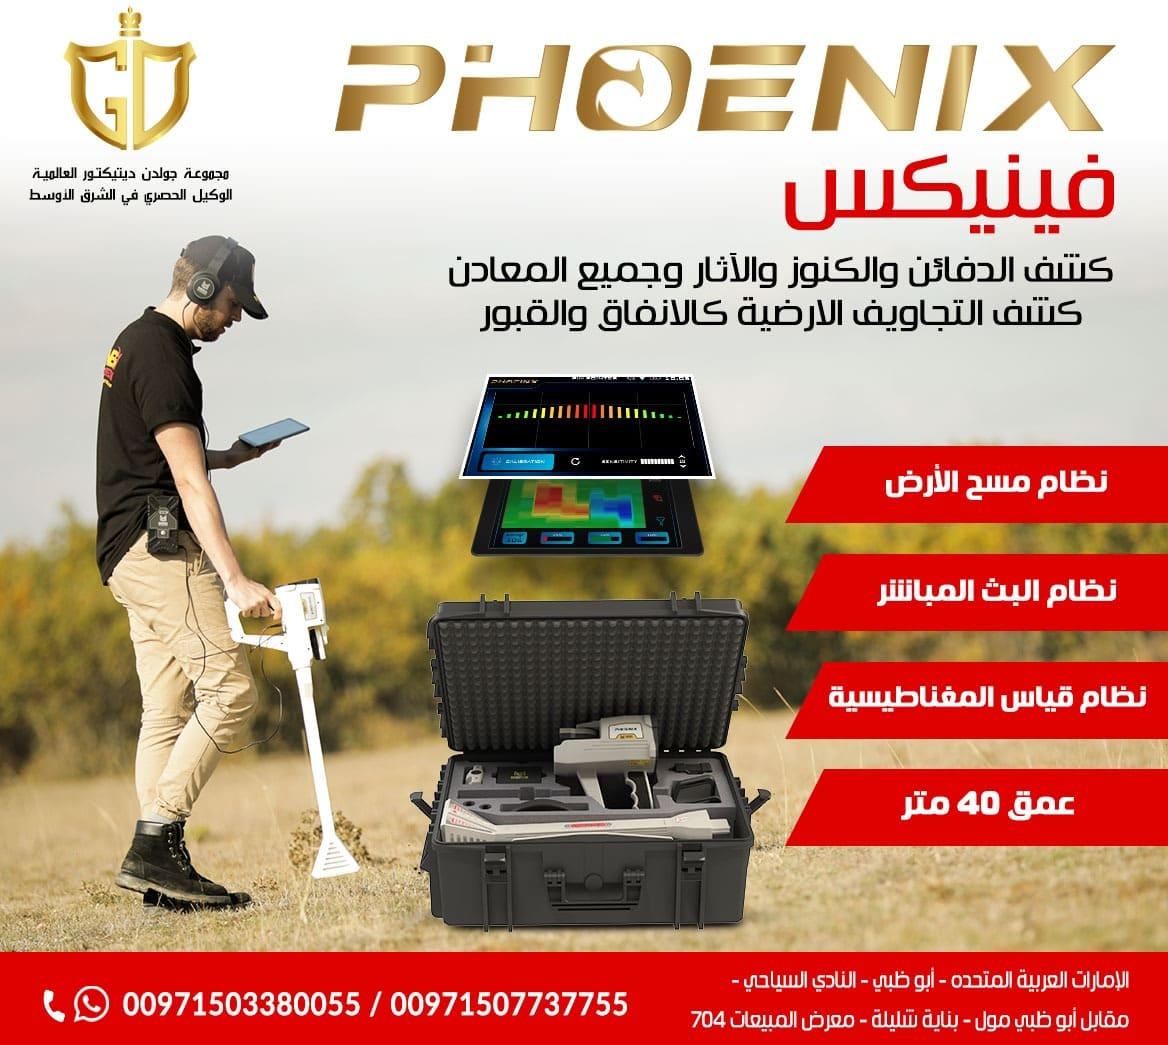 فينيكس Phoenix احدث اجهزة كشف الذهب التصويرية  P_1893qerdb2